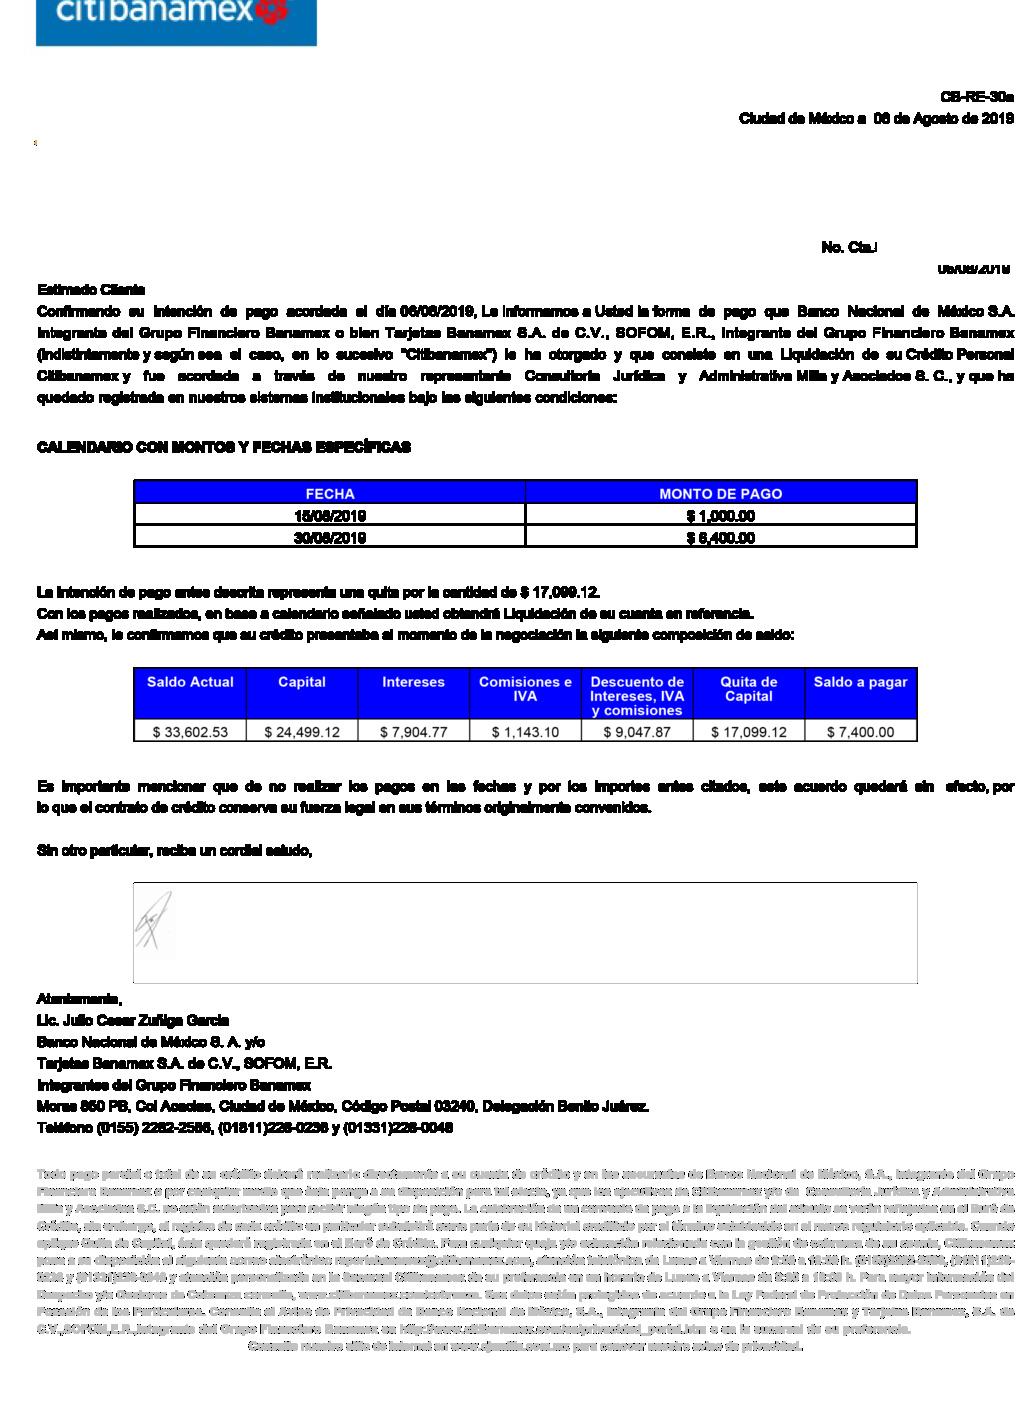 de - Carta convenio banamex Cartan10